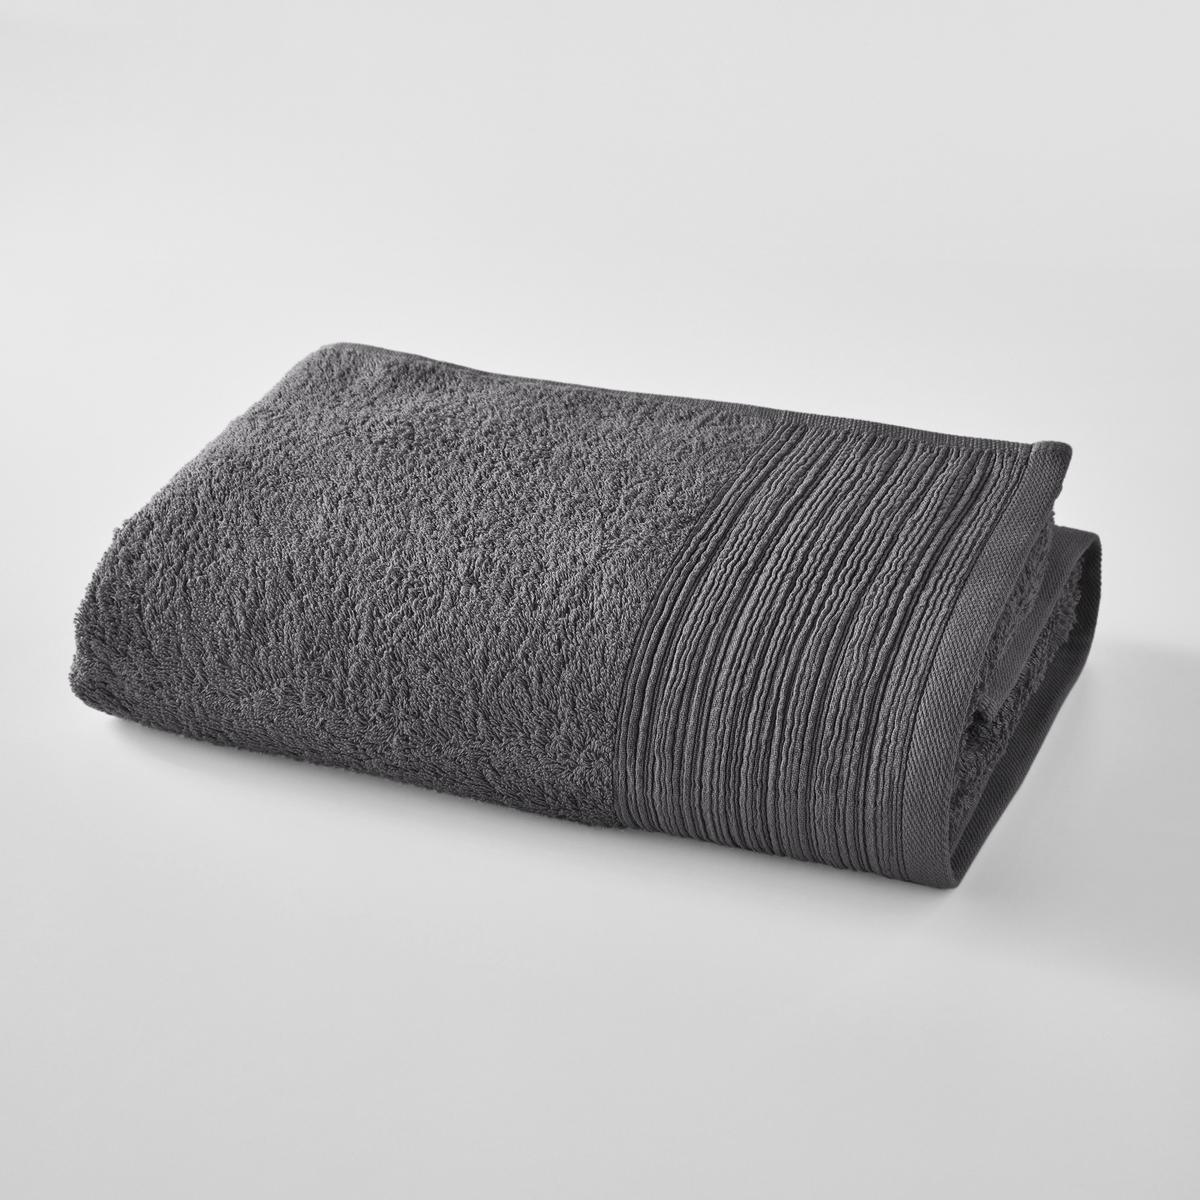 Полотенце банное большое однотонное из махровой ткани из биохлопка